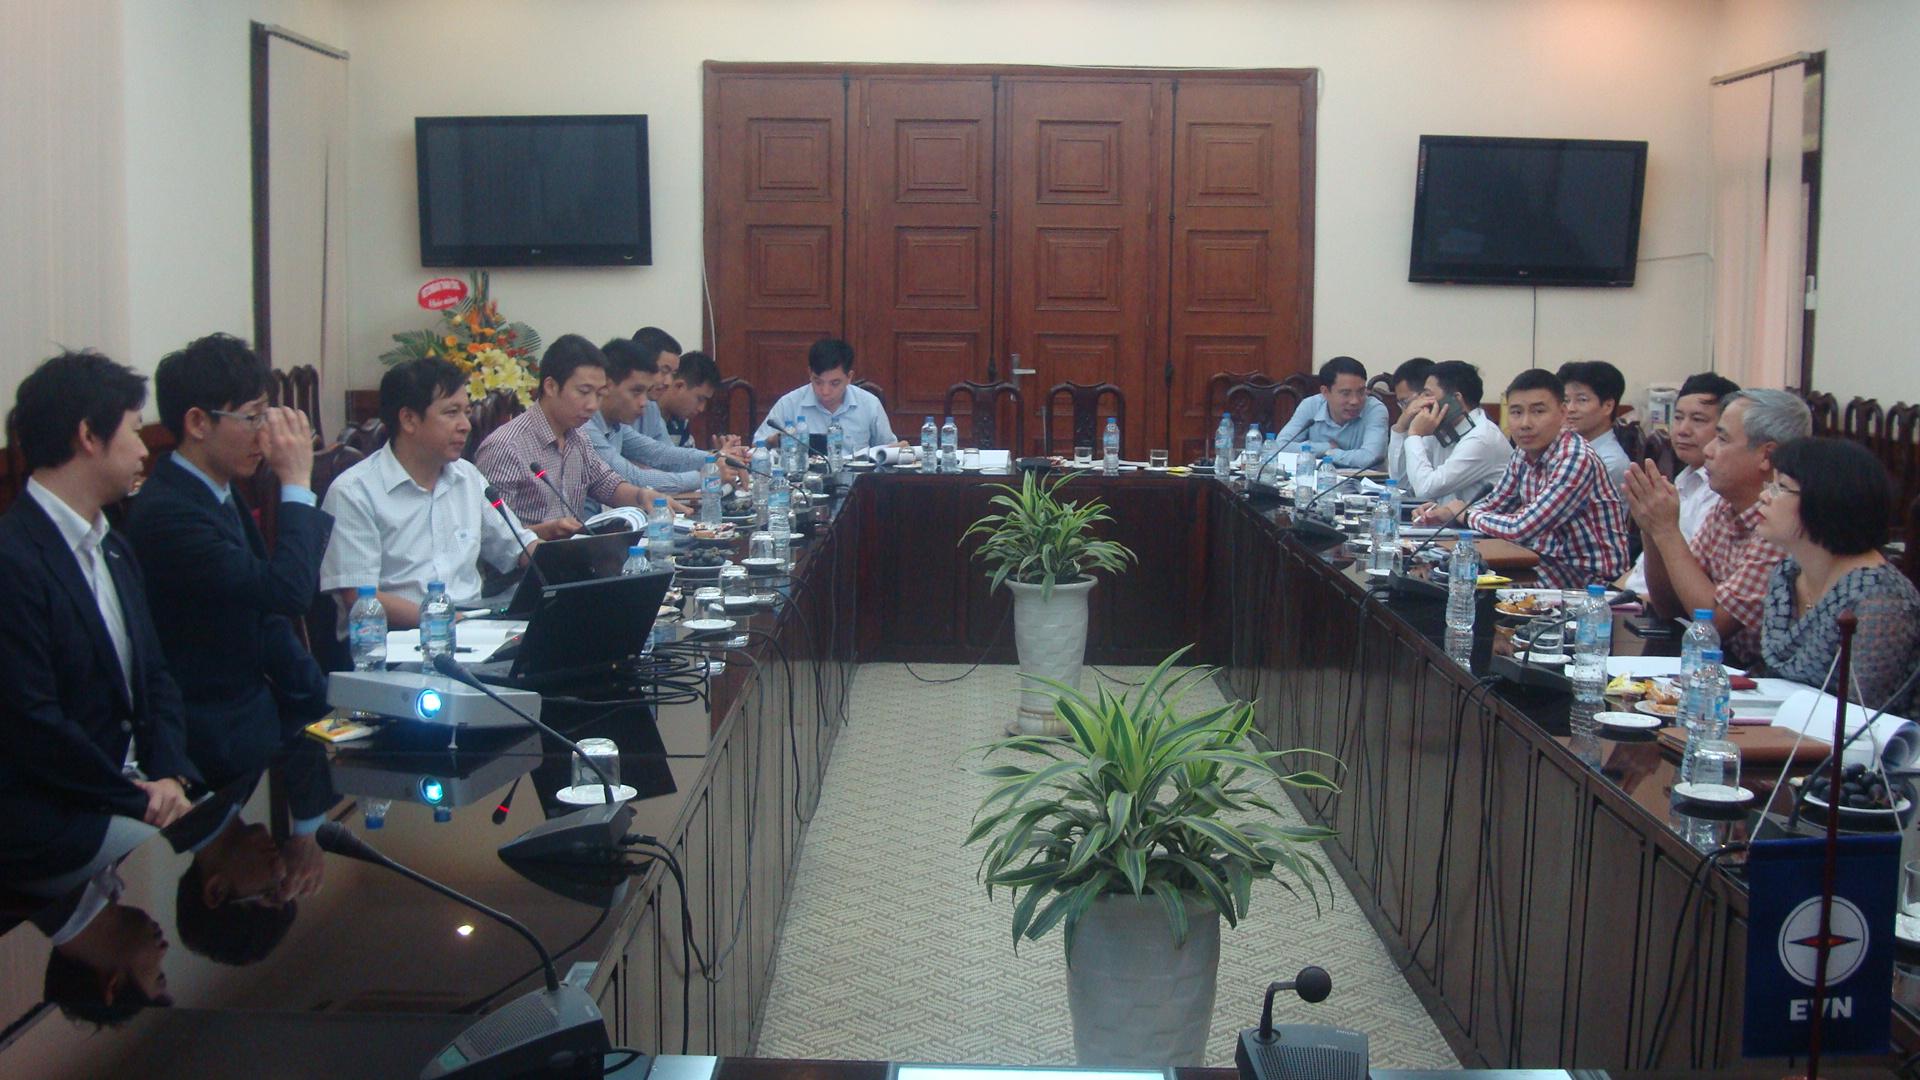 Looop's proposal for renewable energy in Vietnam